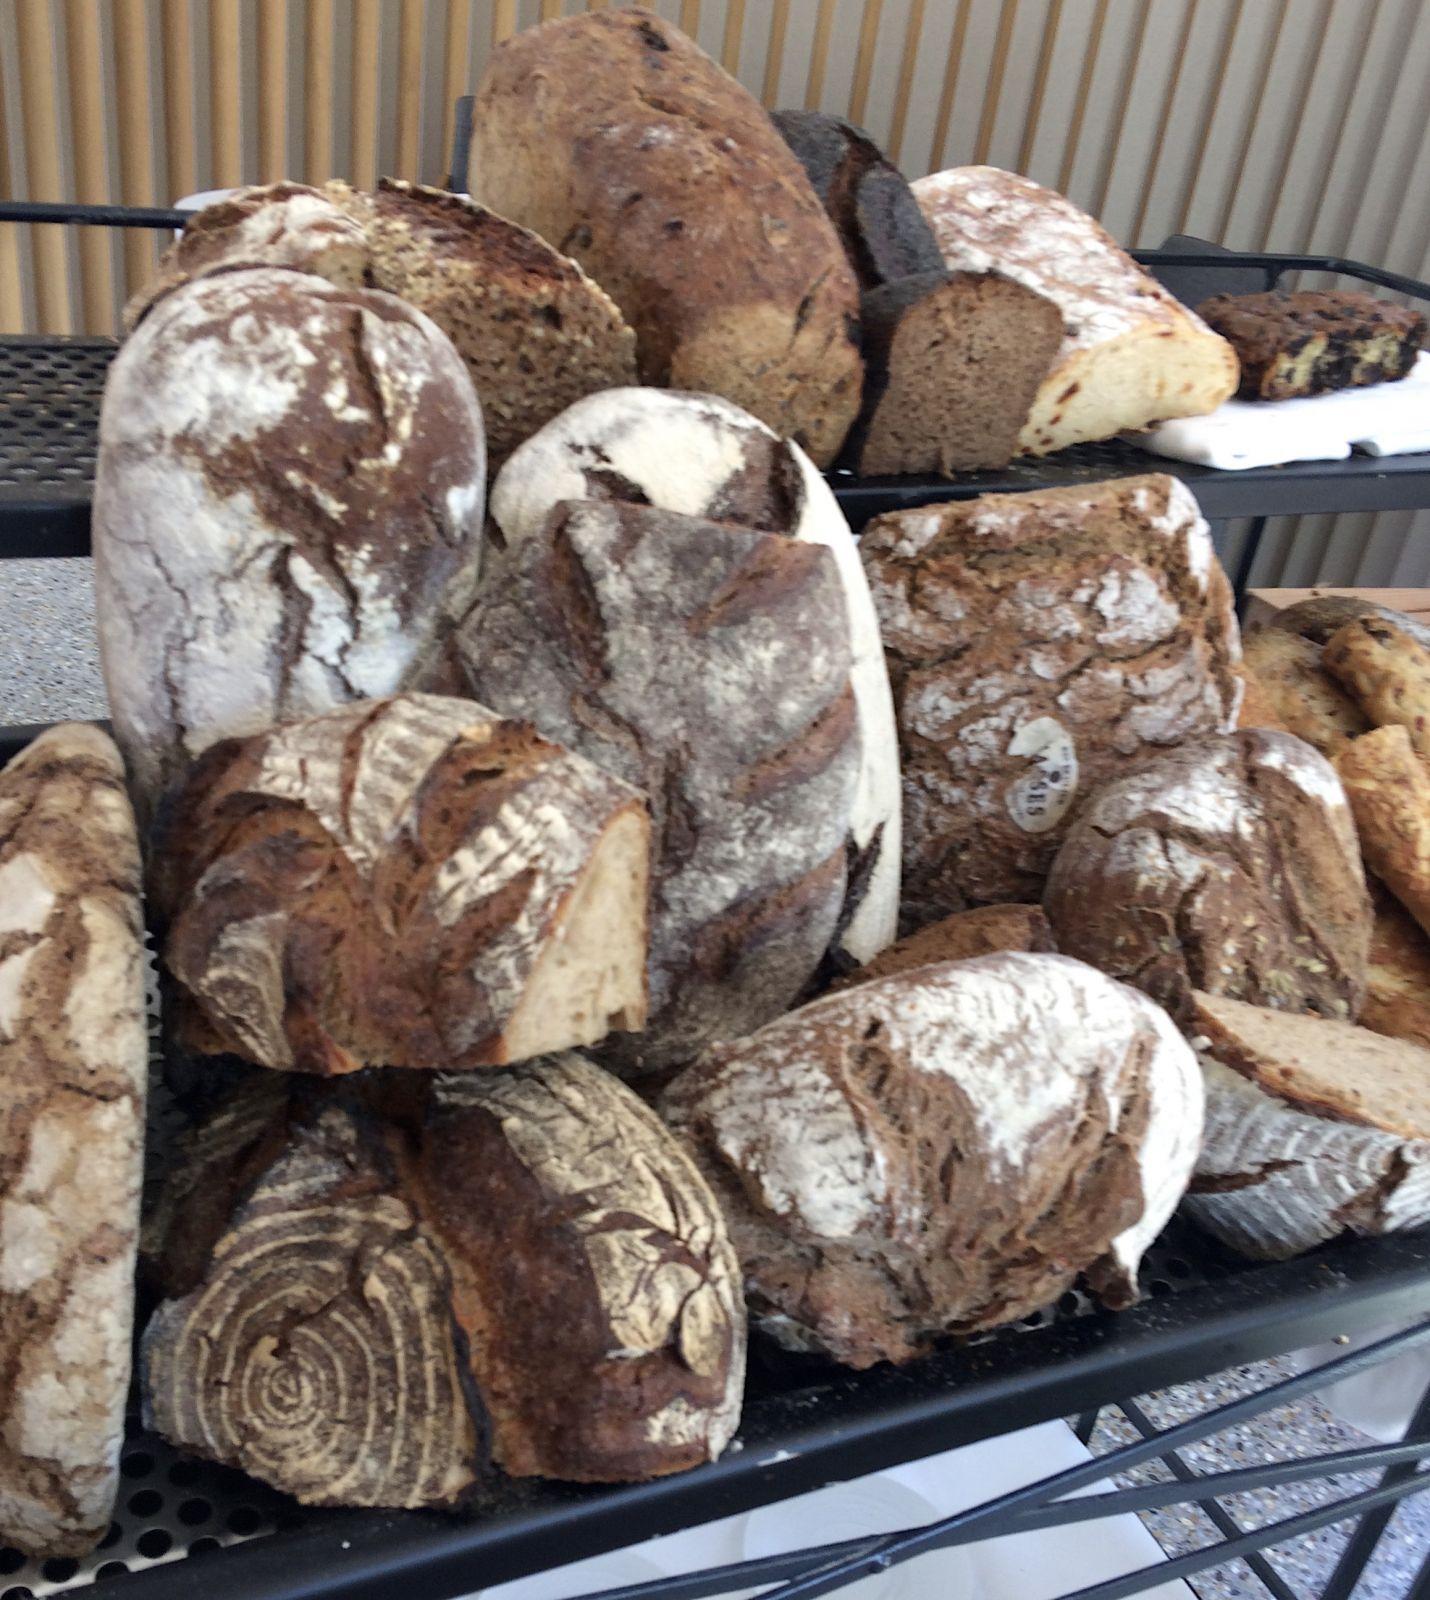 bread-trolley-steiereck-vienna